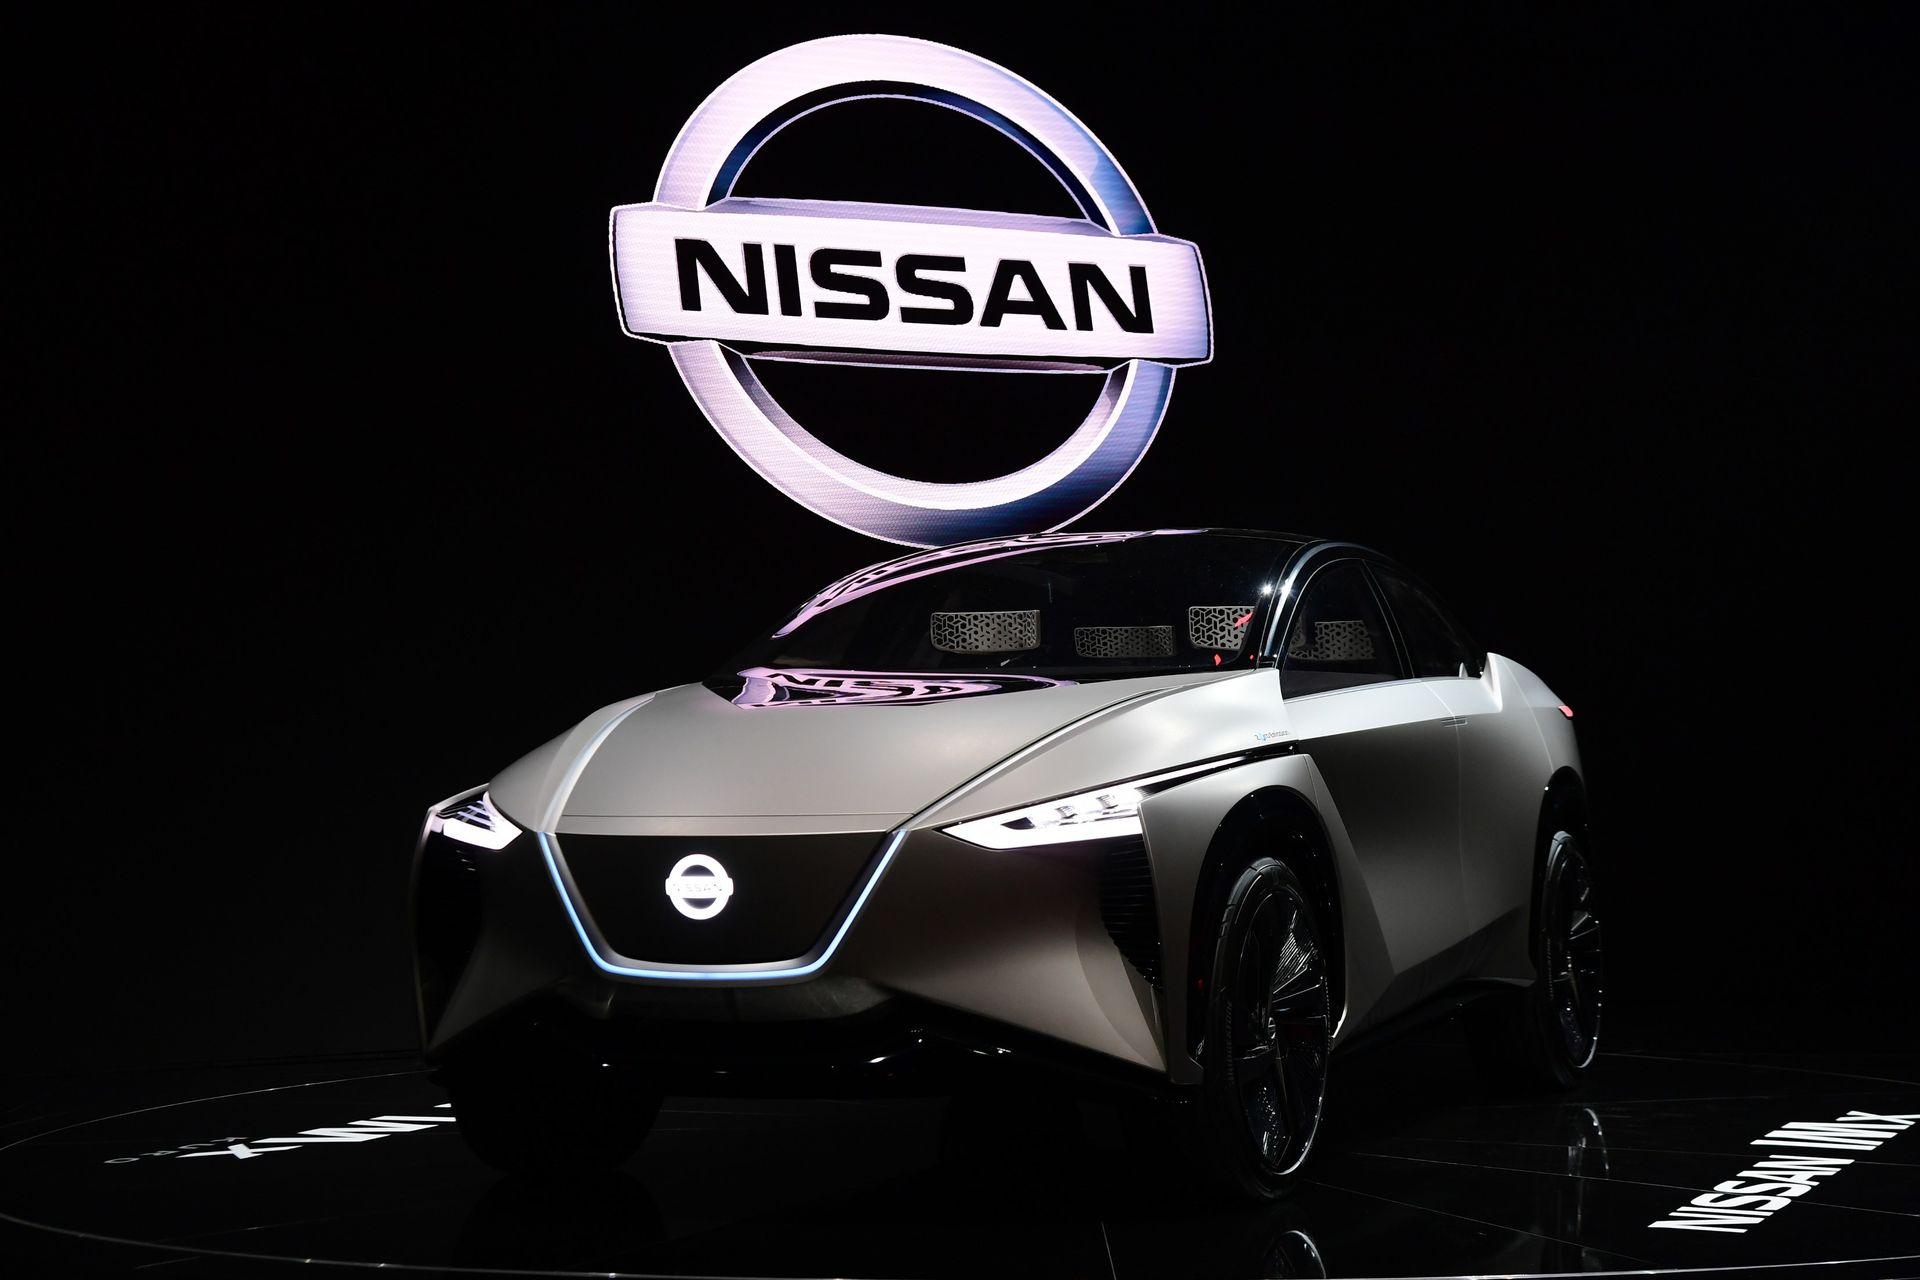 2019 Yılı 1.Çeyrekte Nissan Araç Fiyatları